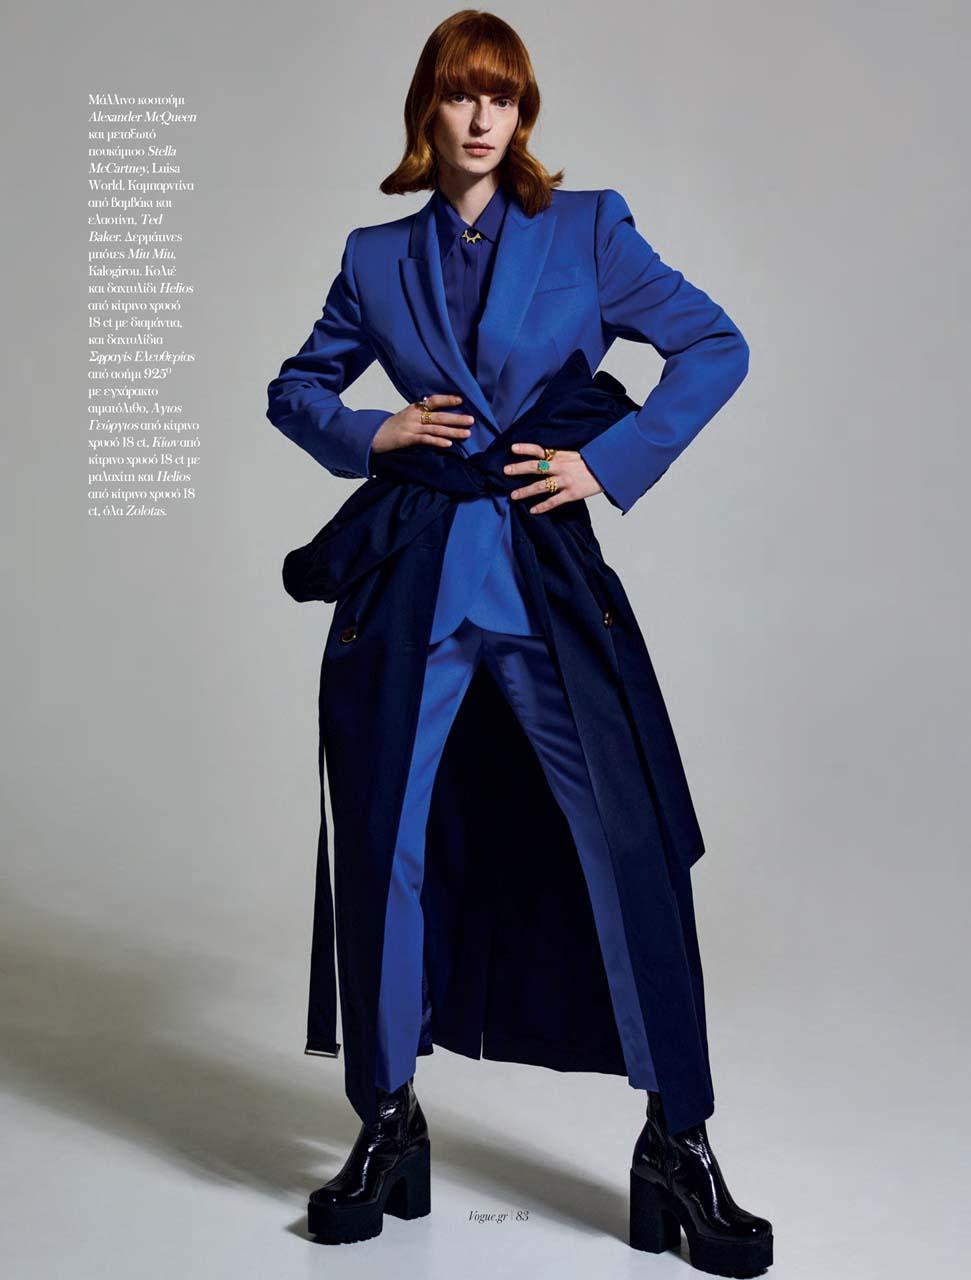 Sara Robaszkiewicz for Vogue